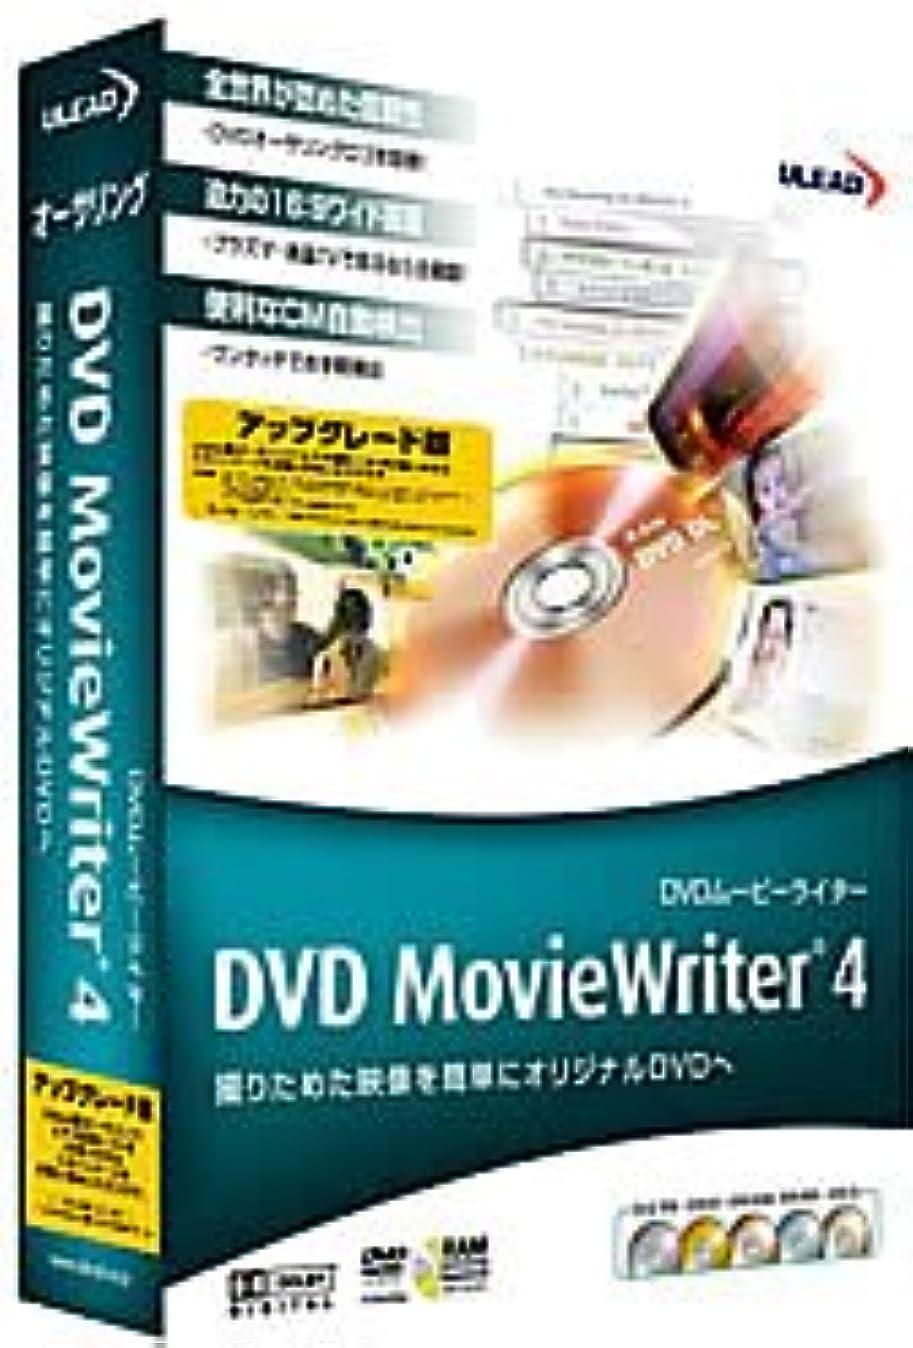 賛辞病気だと思う液化するDVD Movie Writer 4 優待アップグレード版